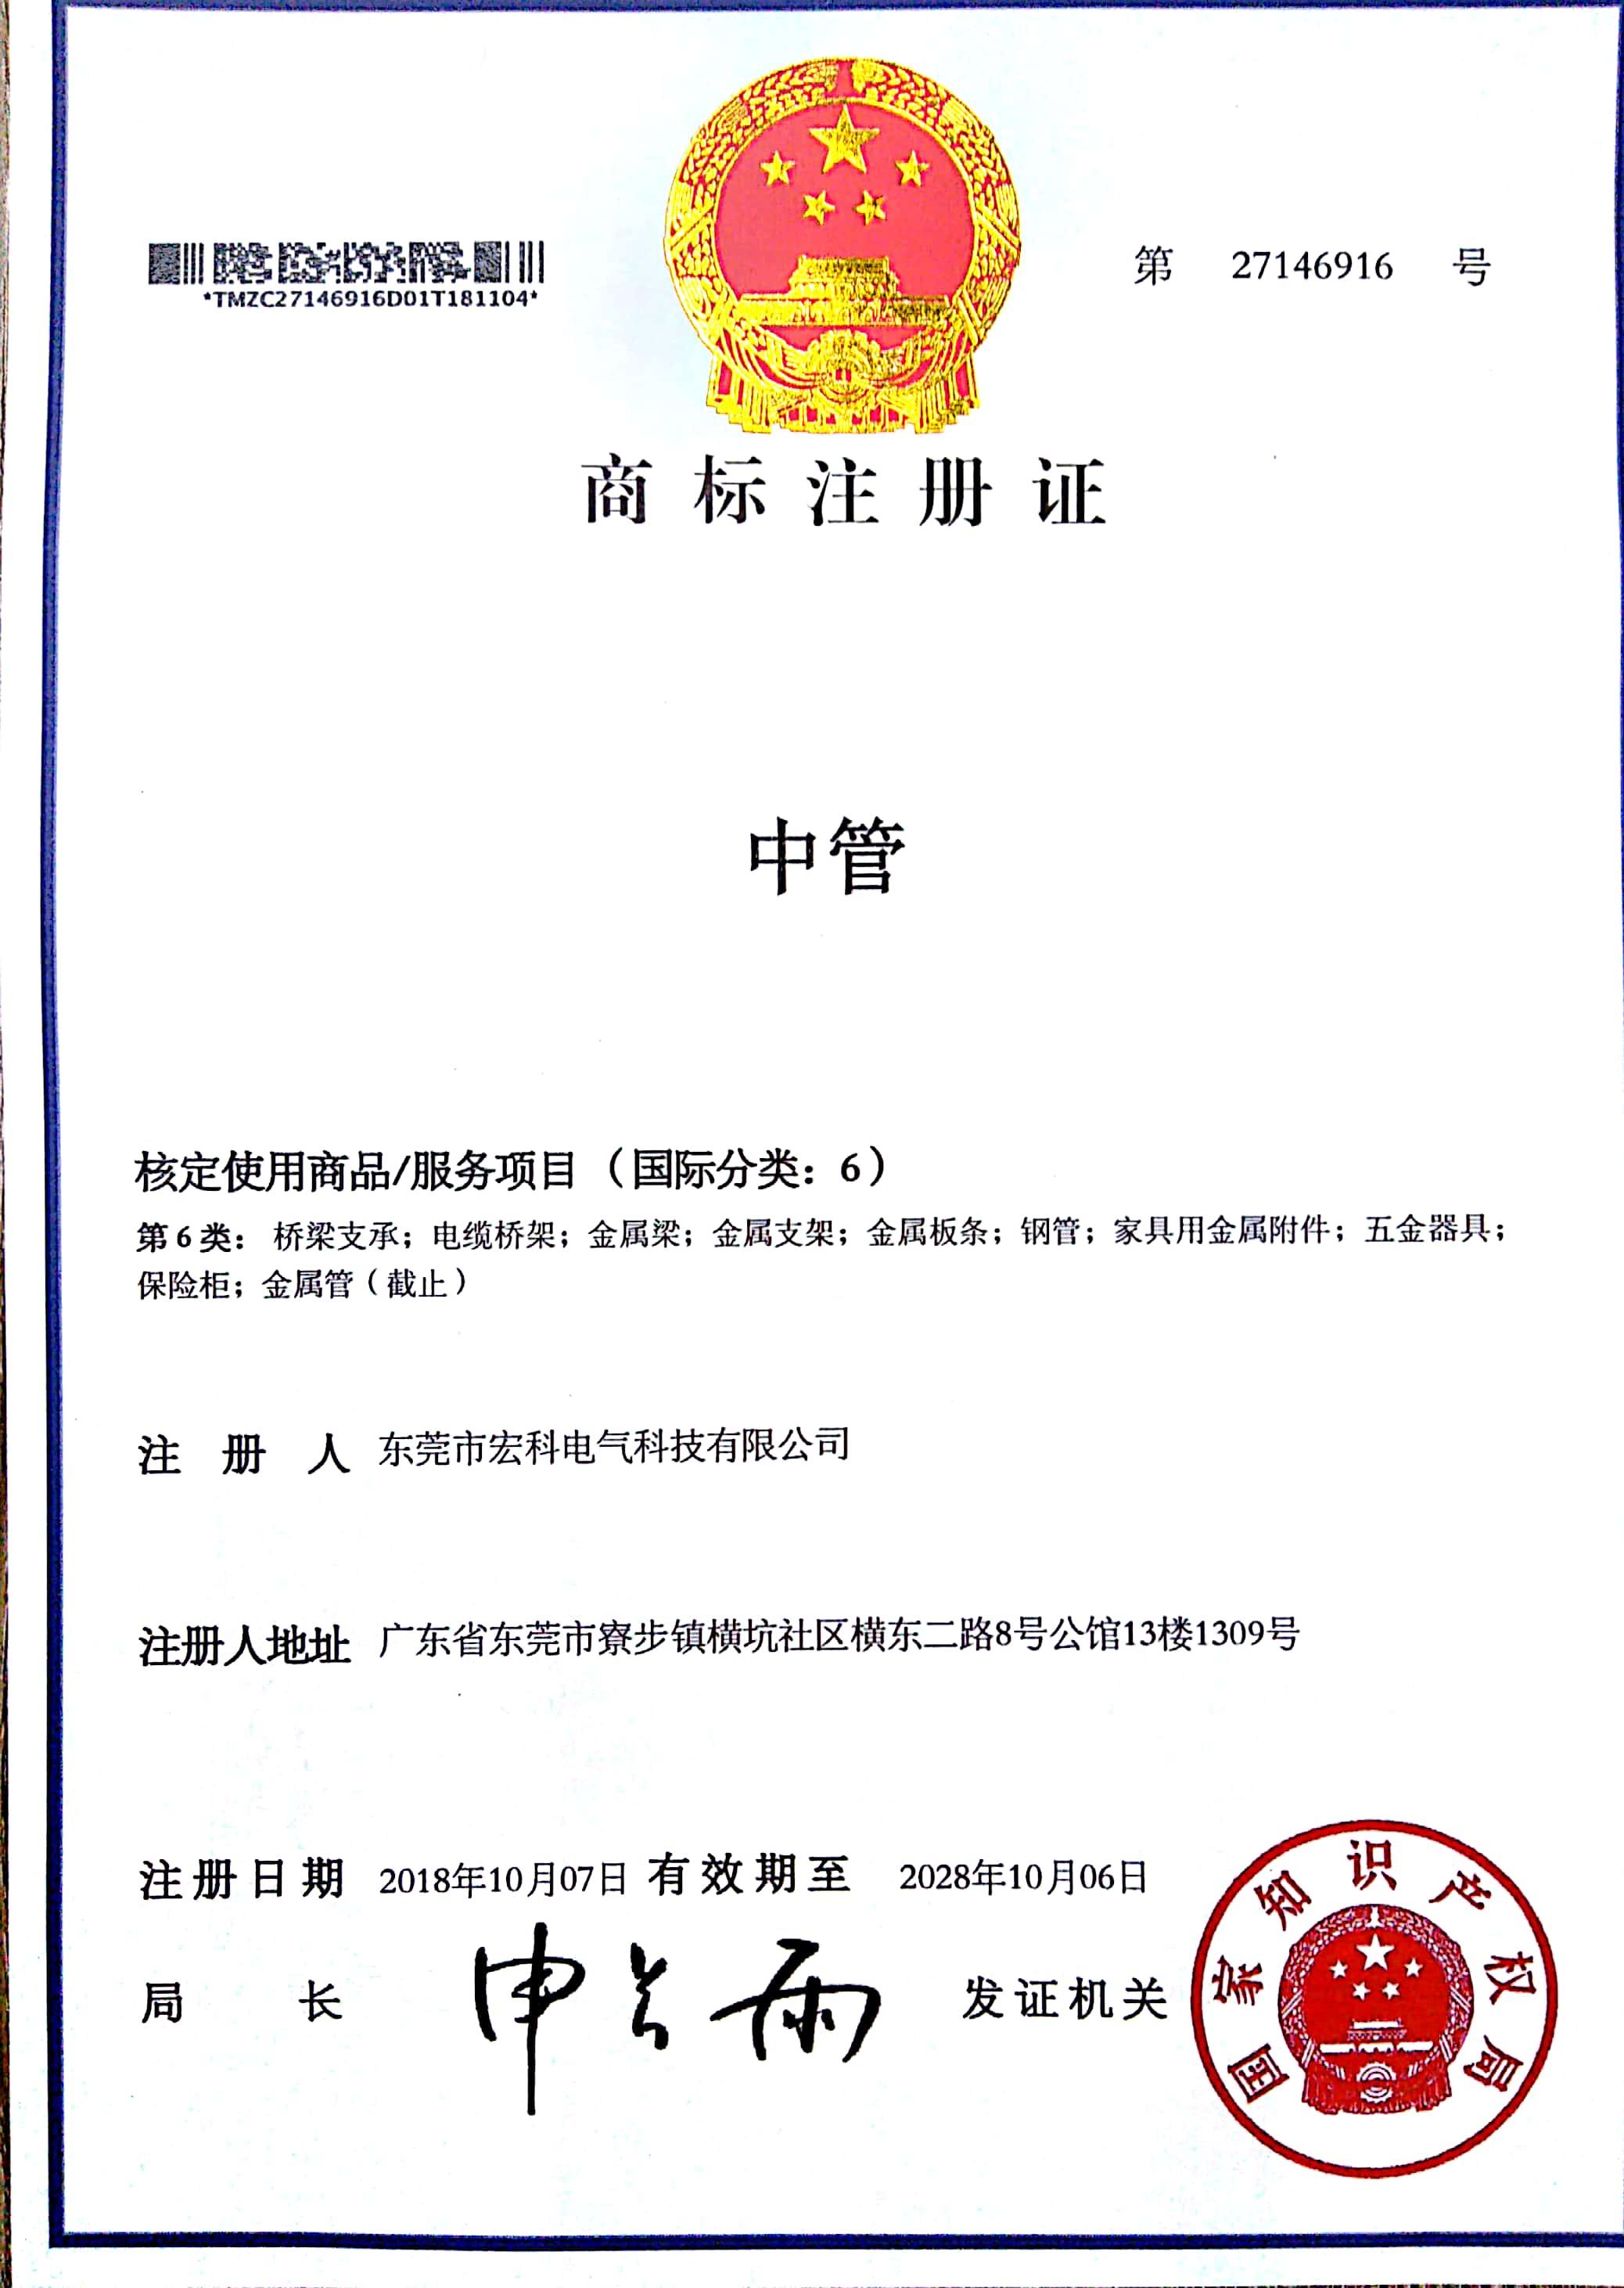 中管商标注册证书